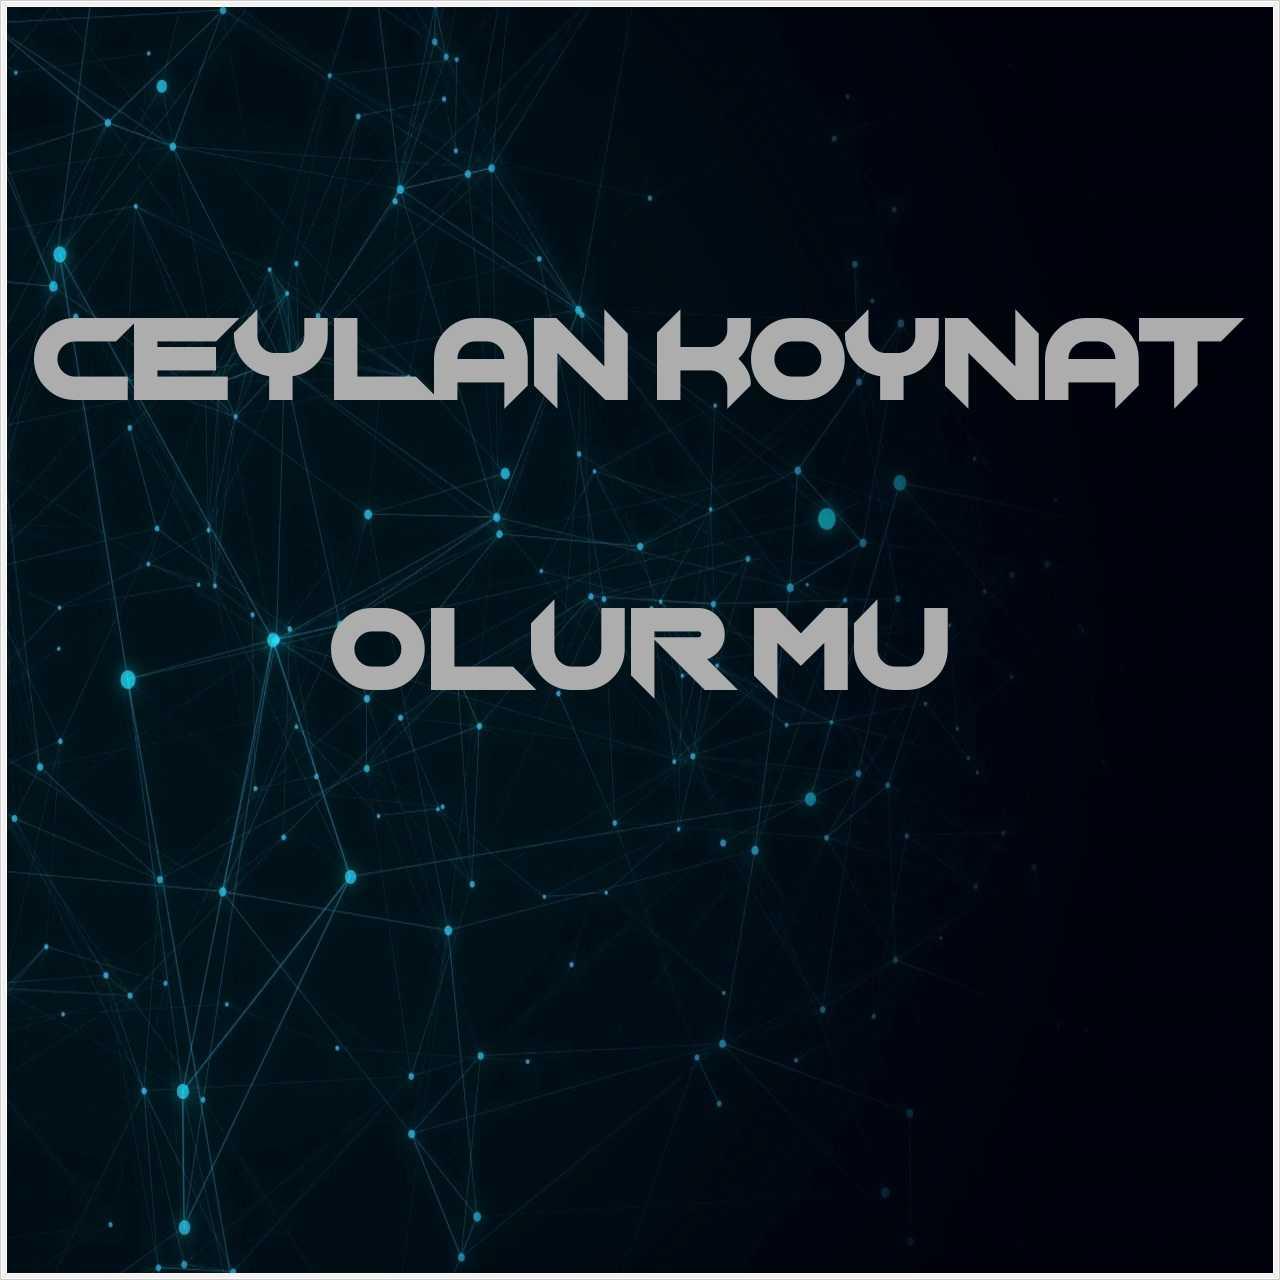 دانلود آهنگ جدید Ceylan Koynat به نام Olur mu